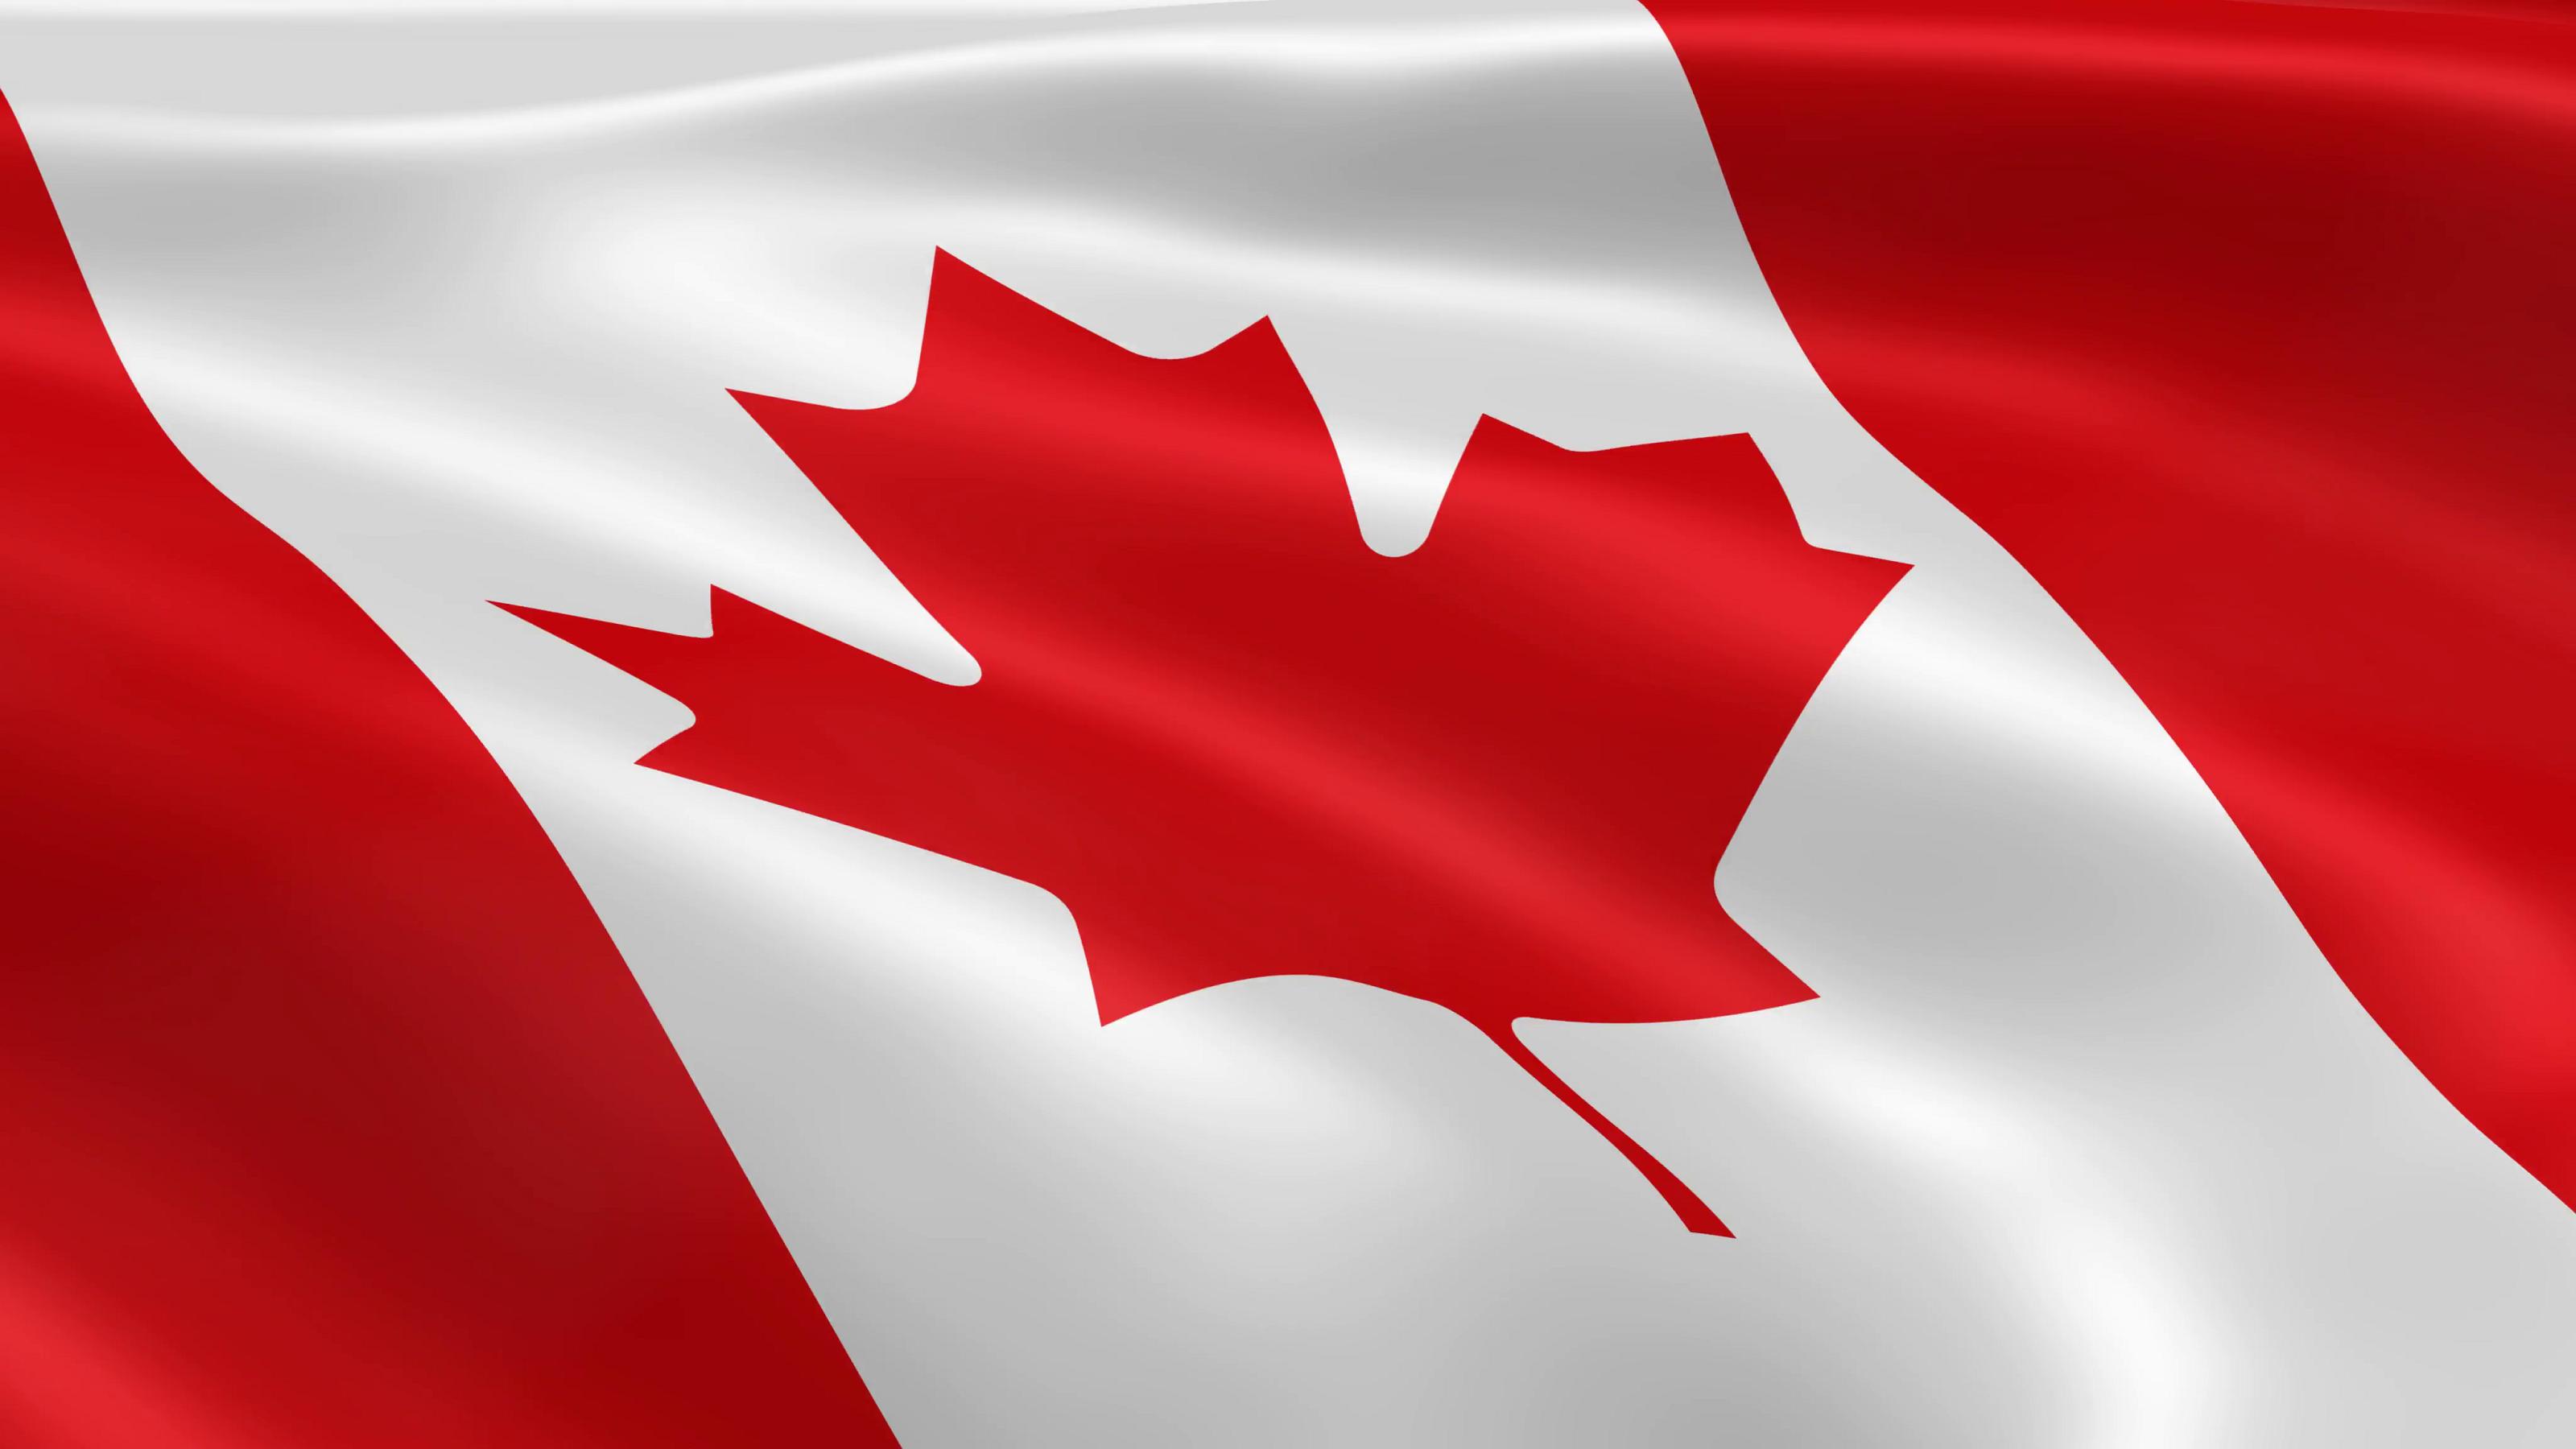 Canada Flag Wallpaper 13